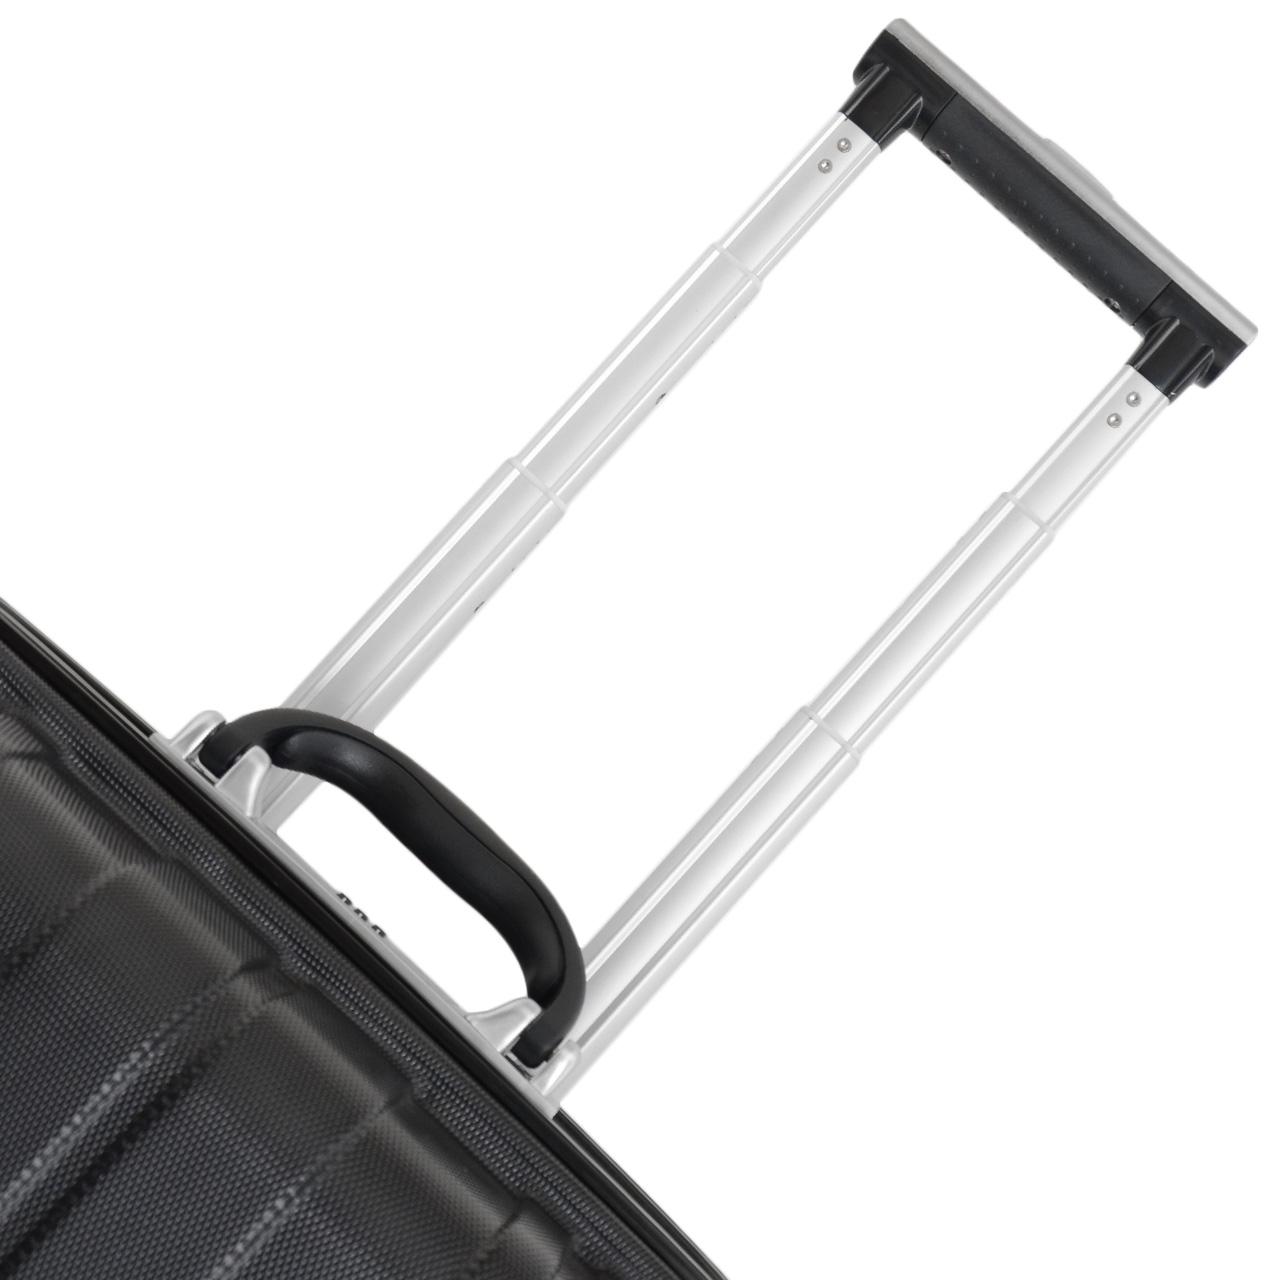 چمدان خلبانی هما مدل 600025 main 1 8